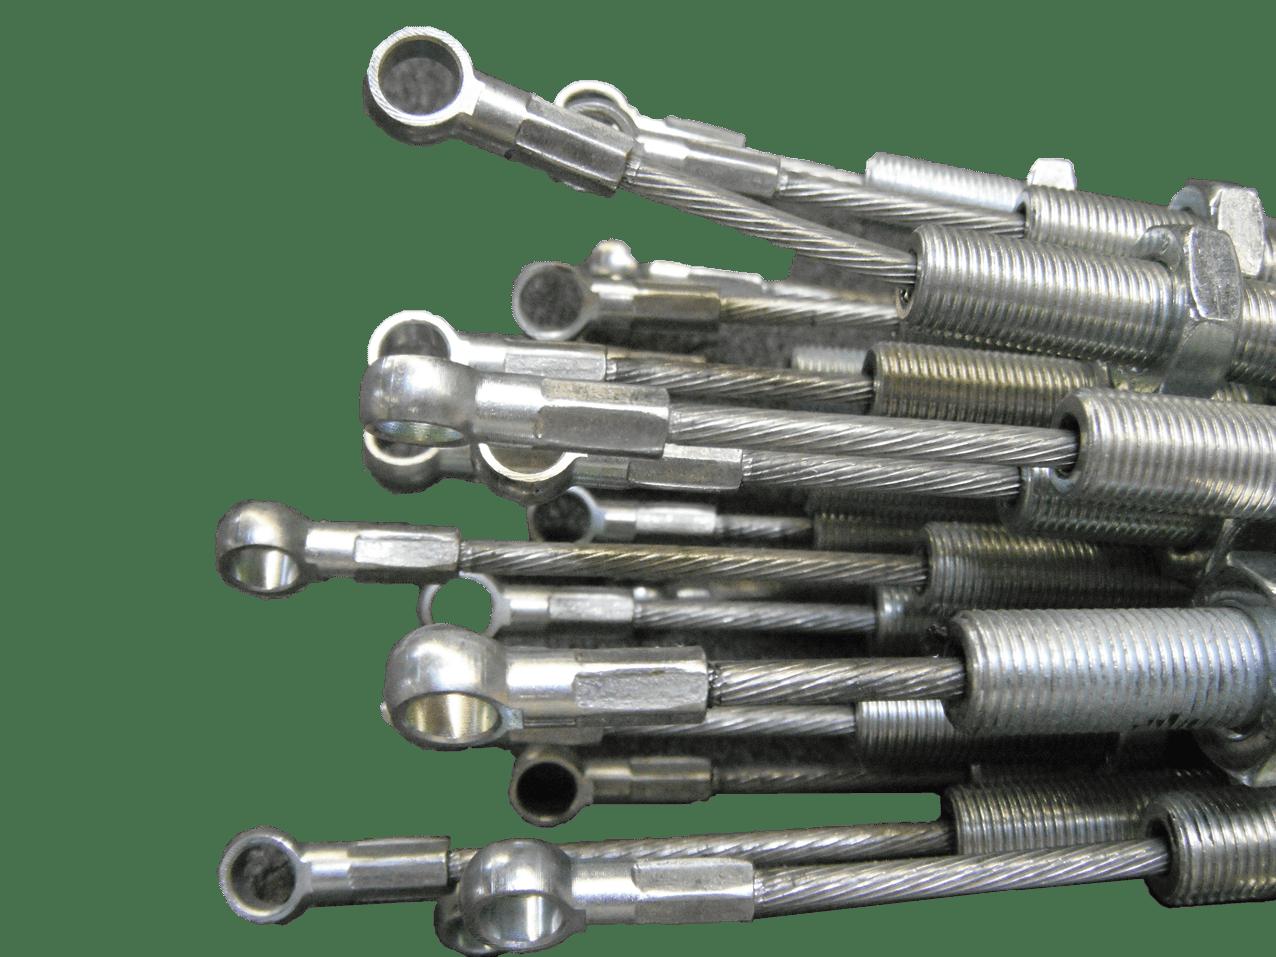 Umsatz Ersatzteile maximieren durch OEM Branding